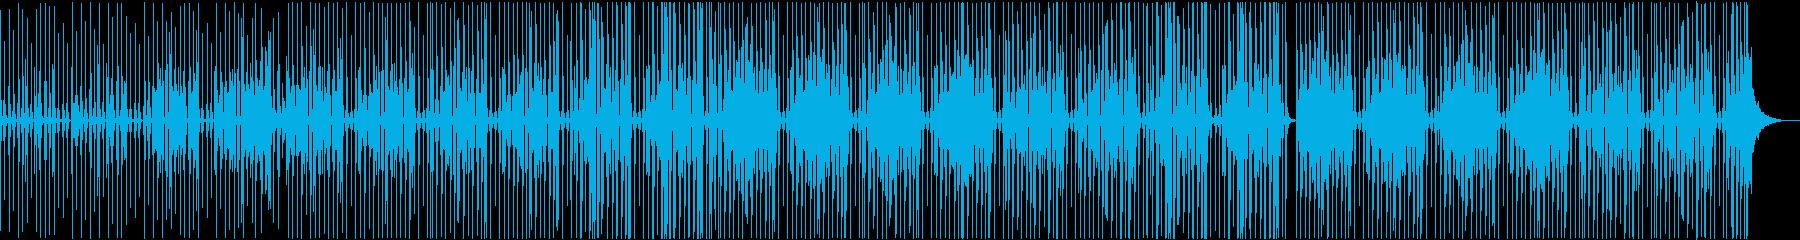 口笛 ブラス サーフギター 少し夏っぽいの再生済みの波形